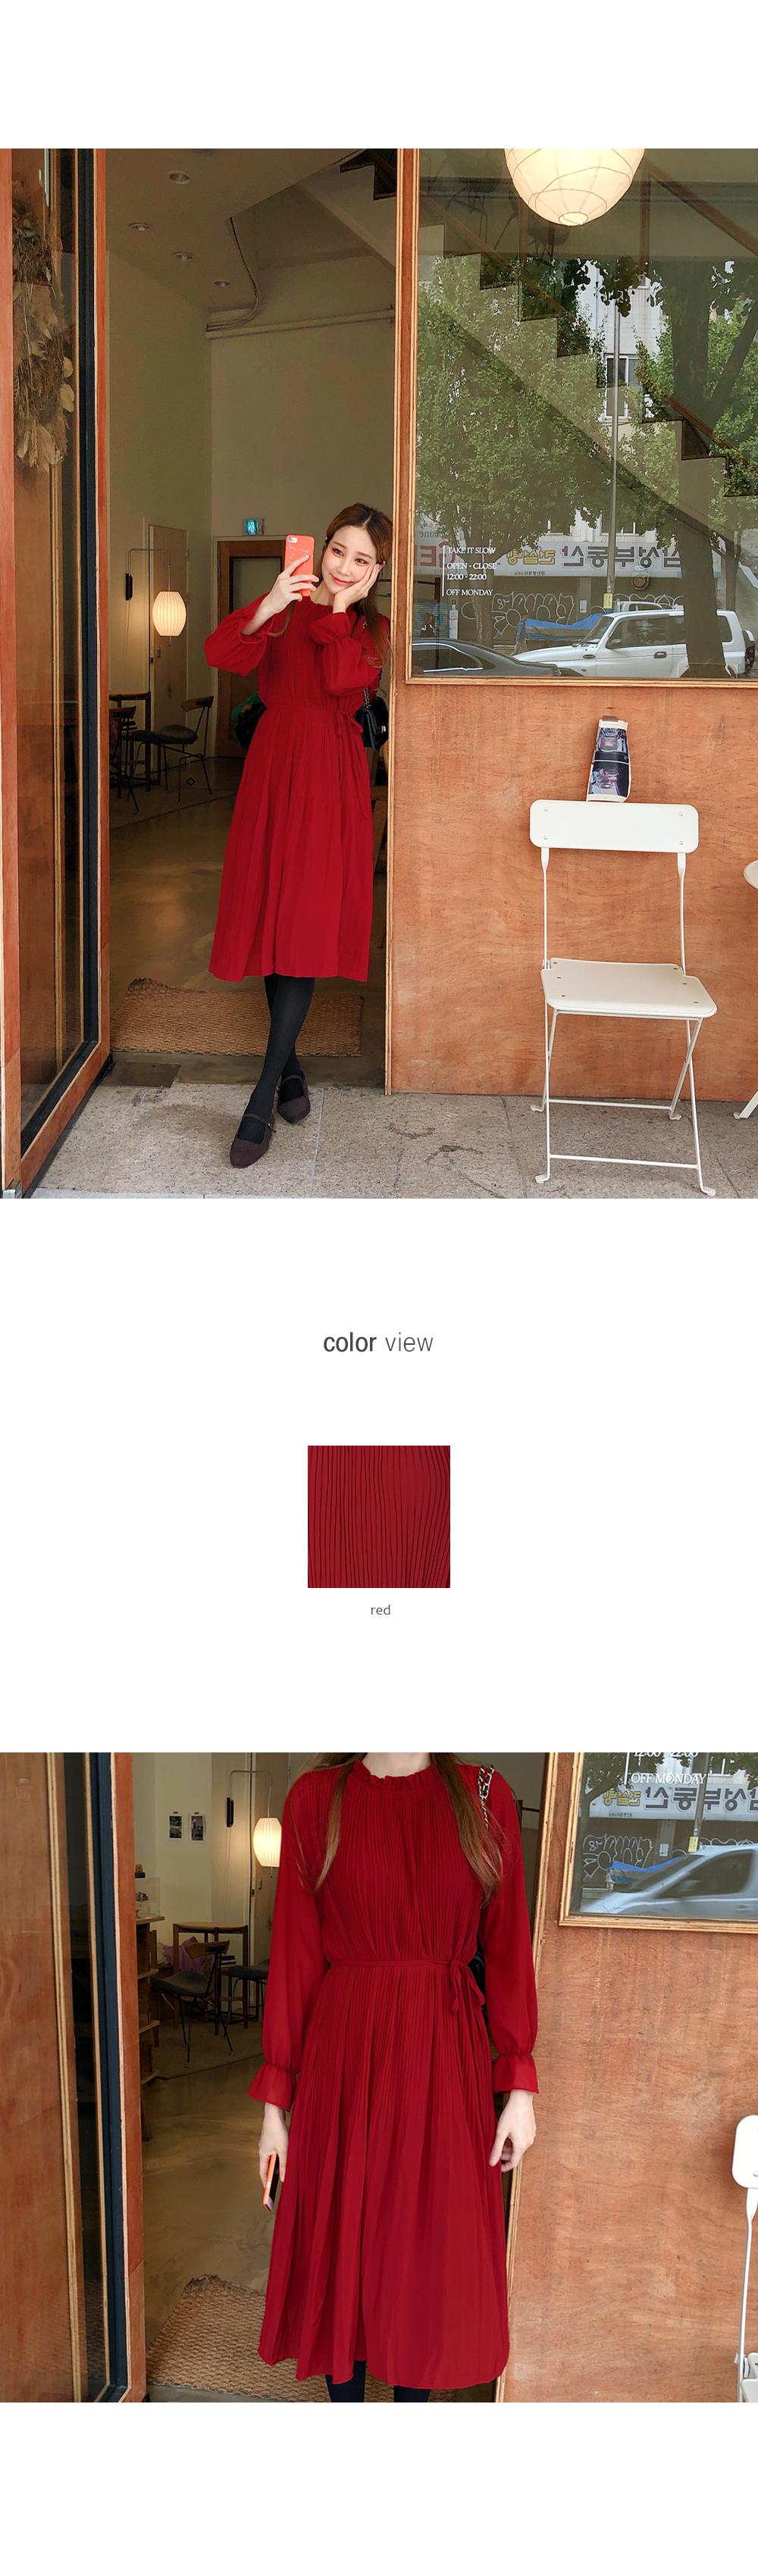 Rose like color dress